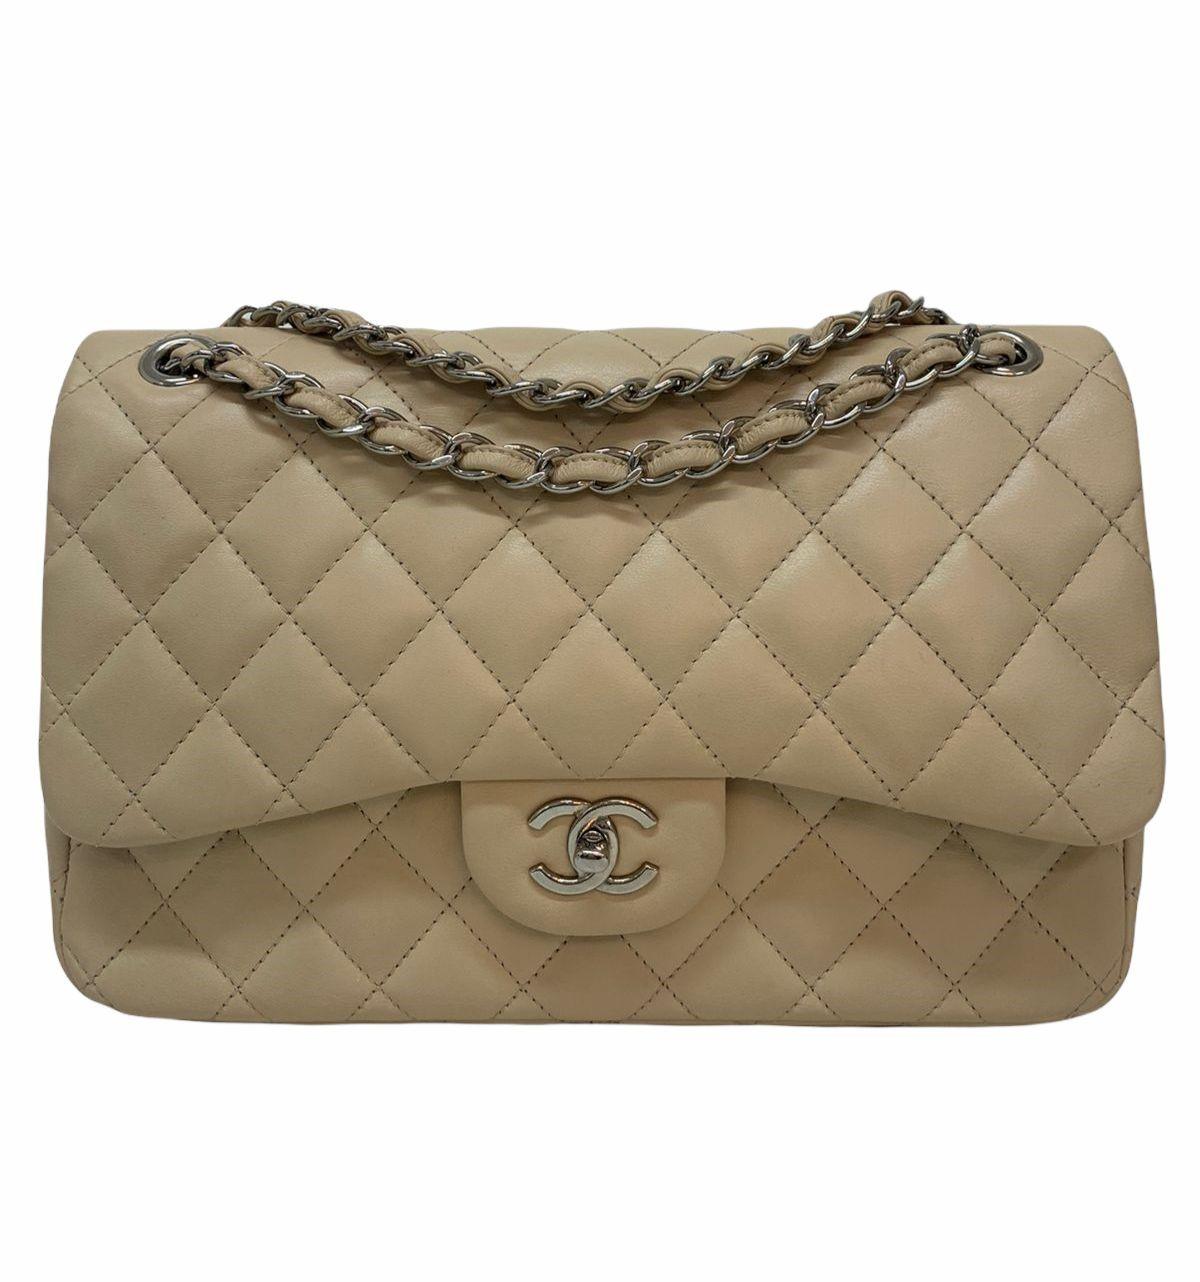 Bolsa Chanel Classic Double Flap Jumbo Bege